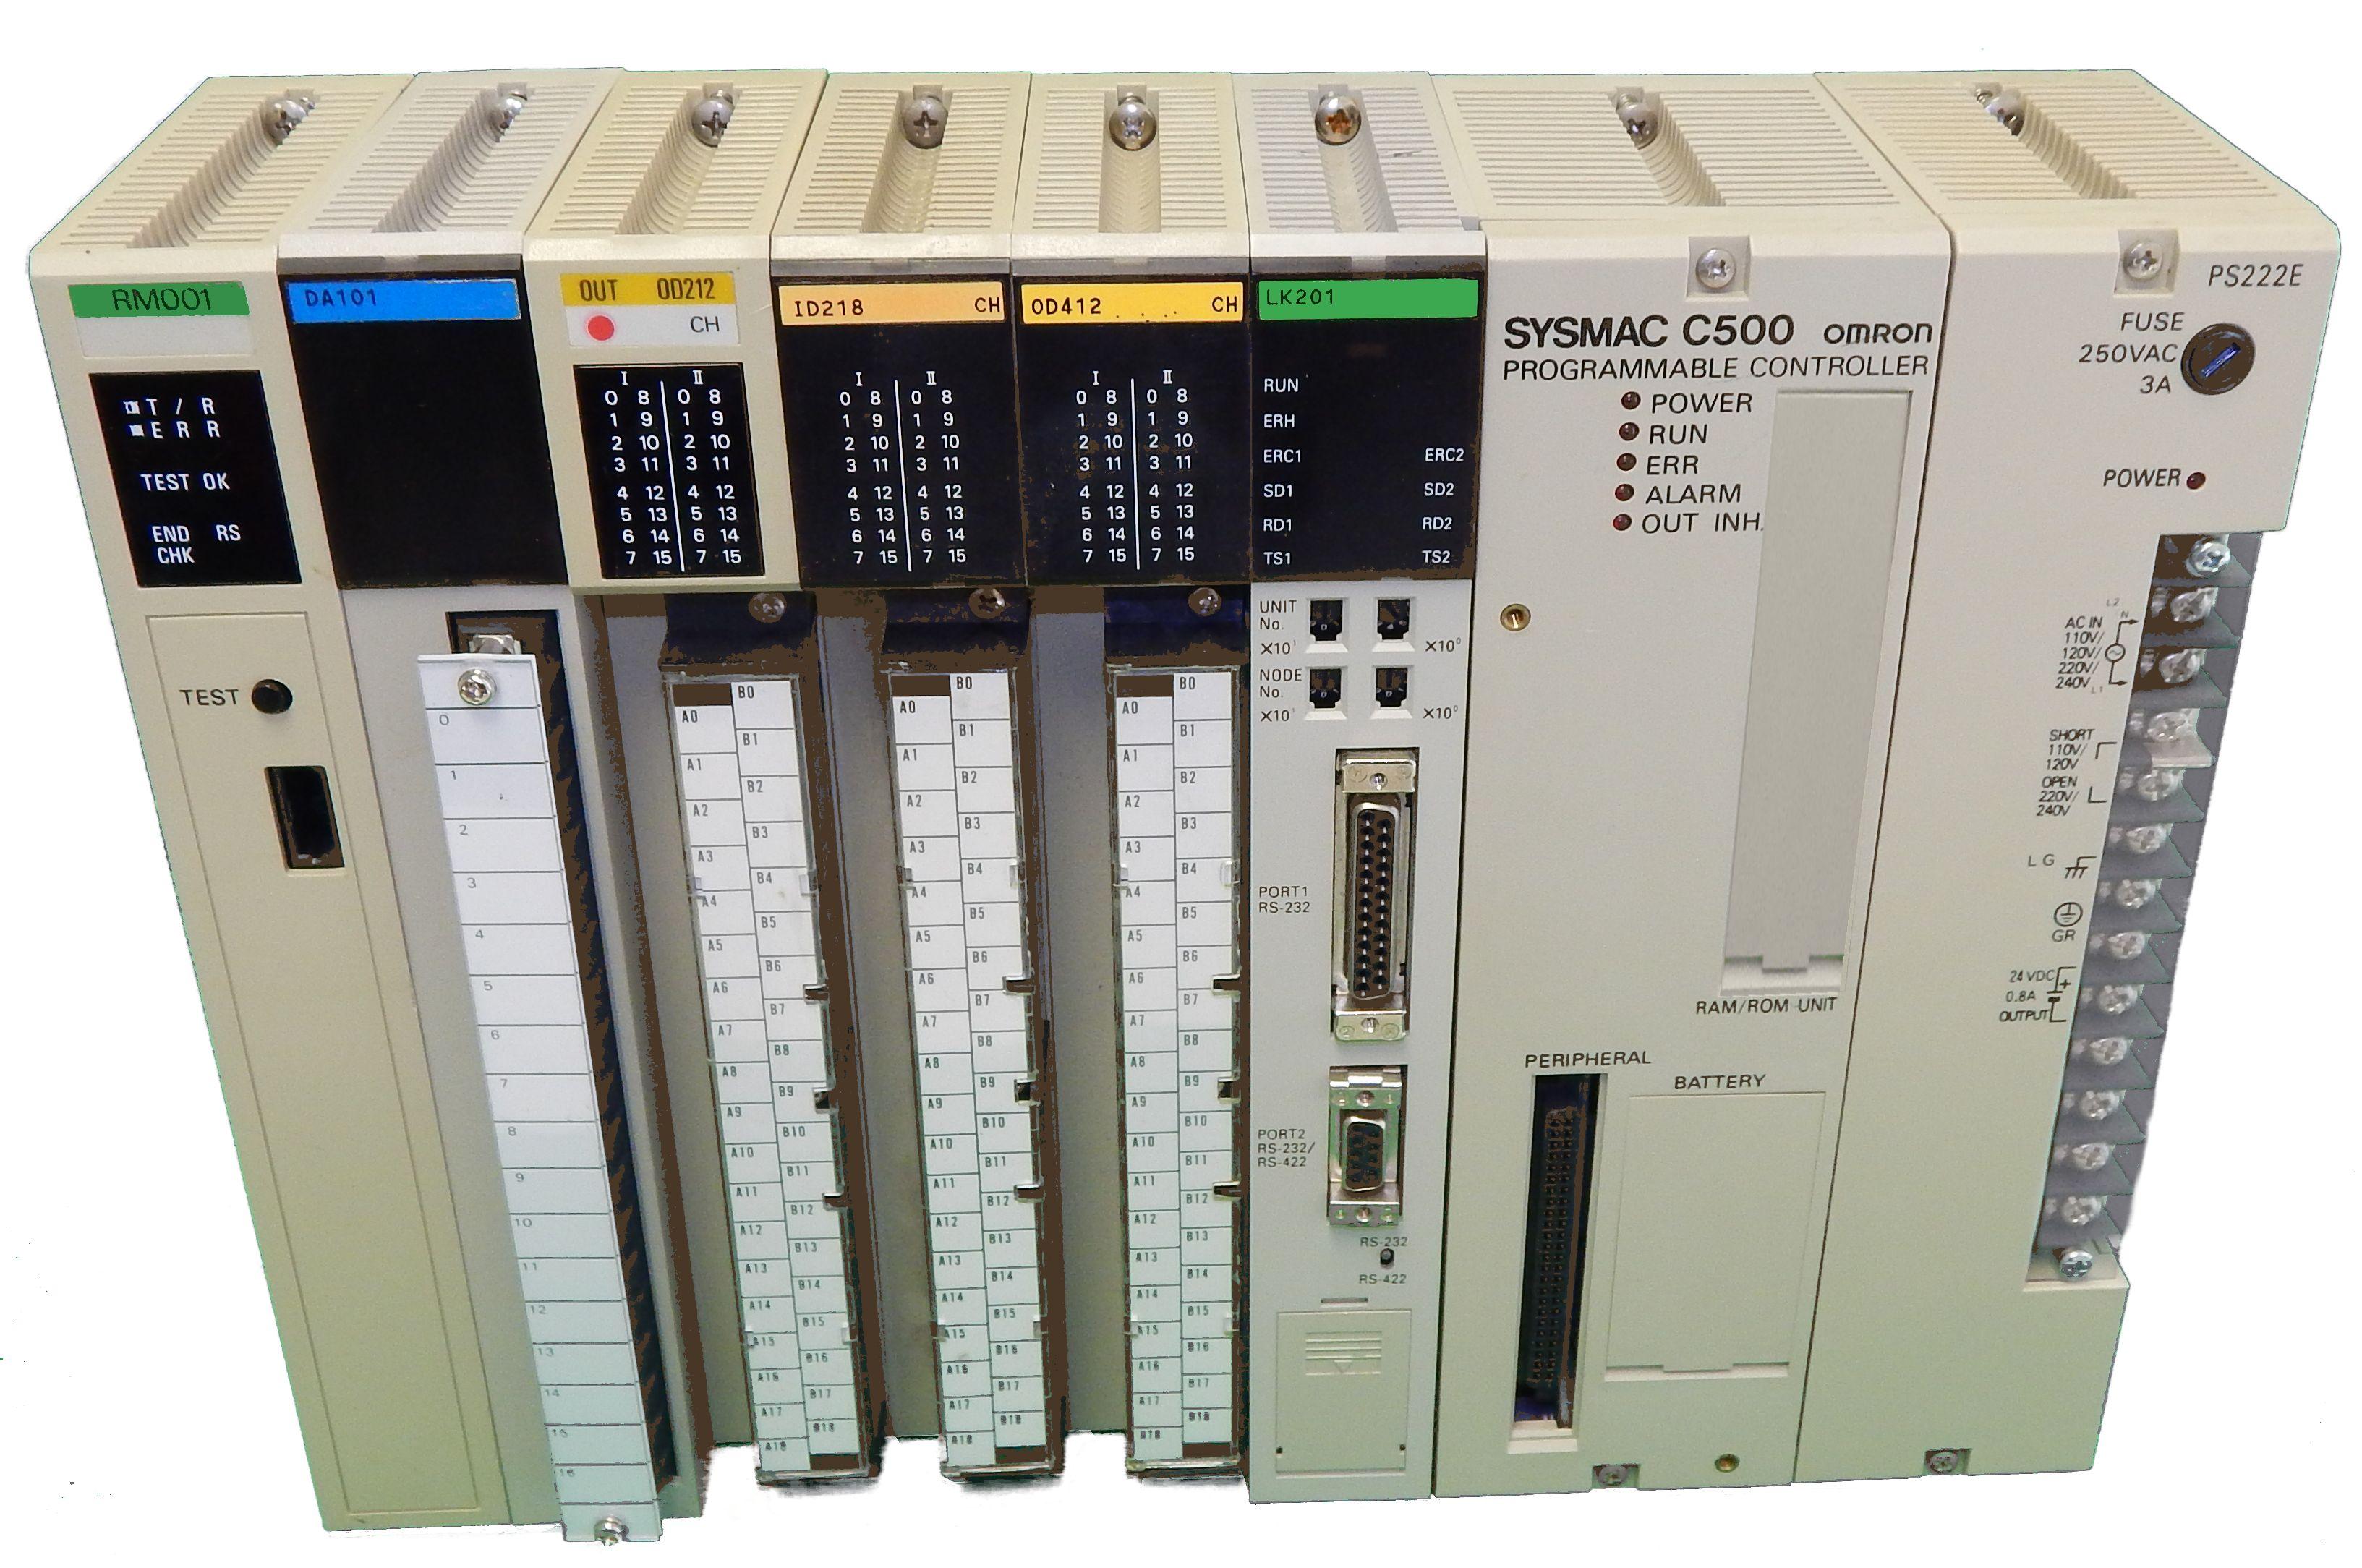 3G2A5-OD414